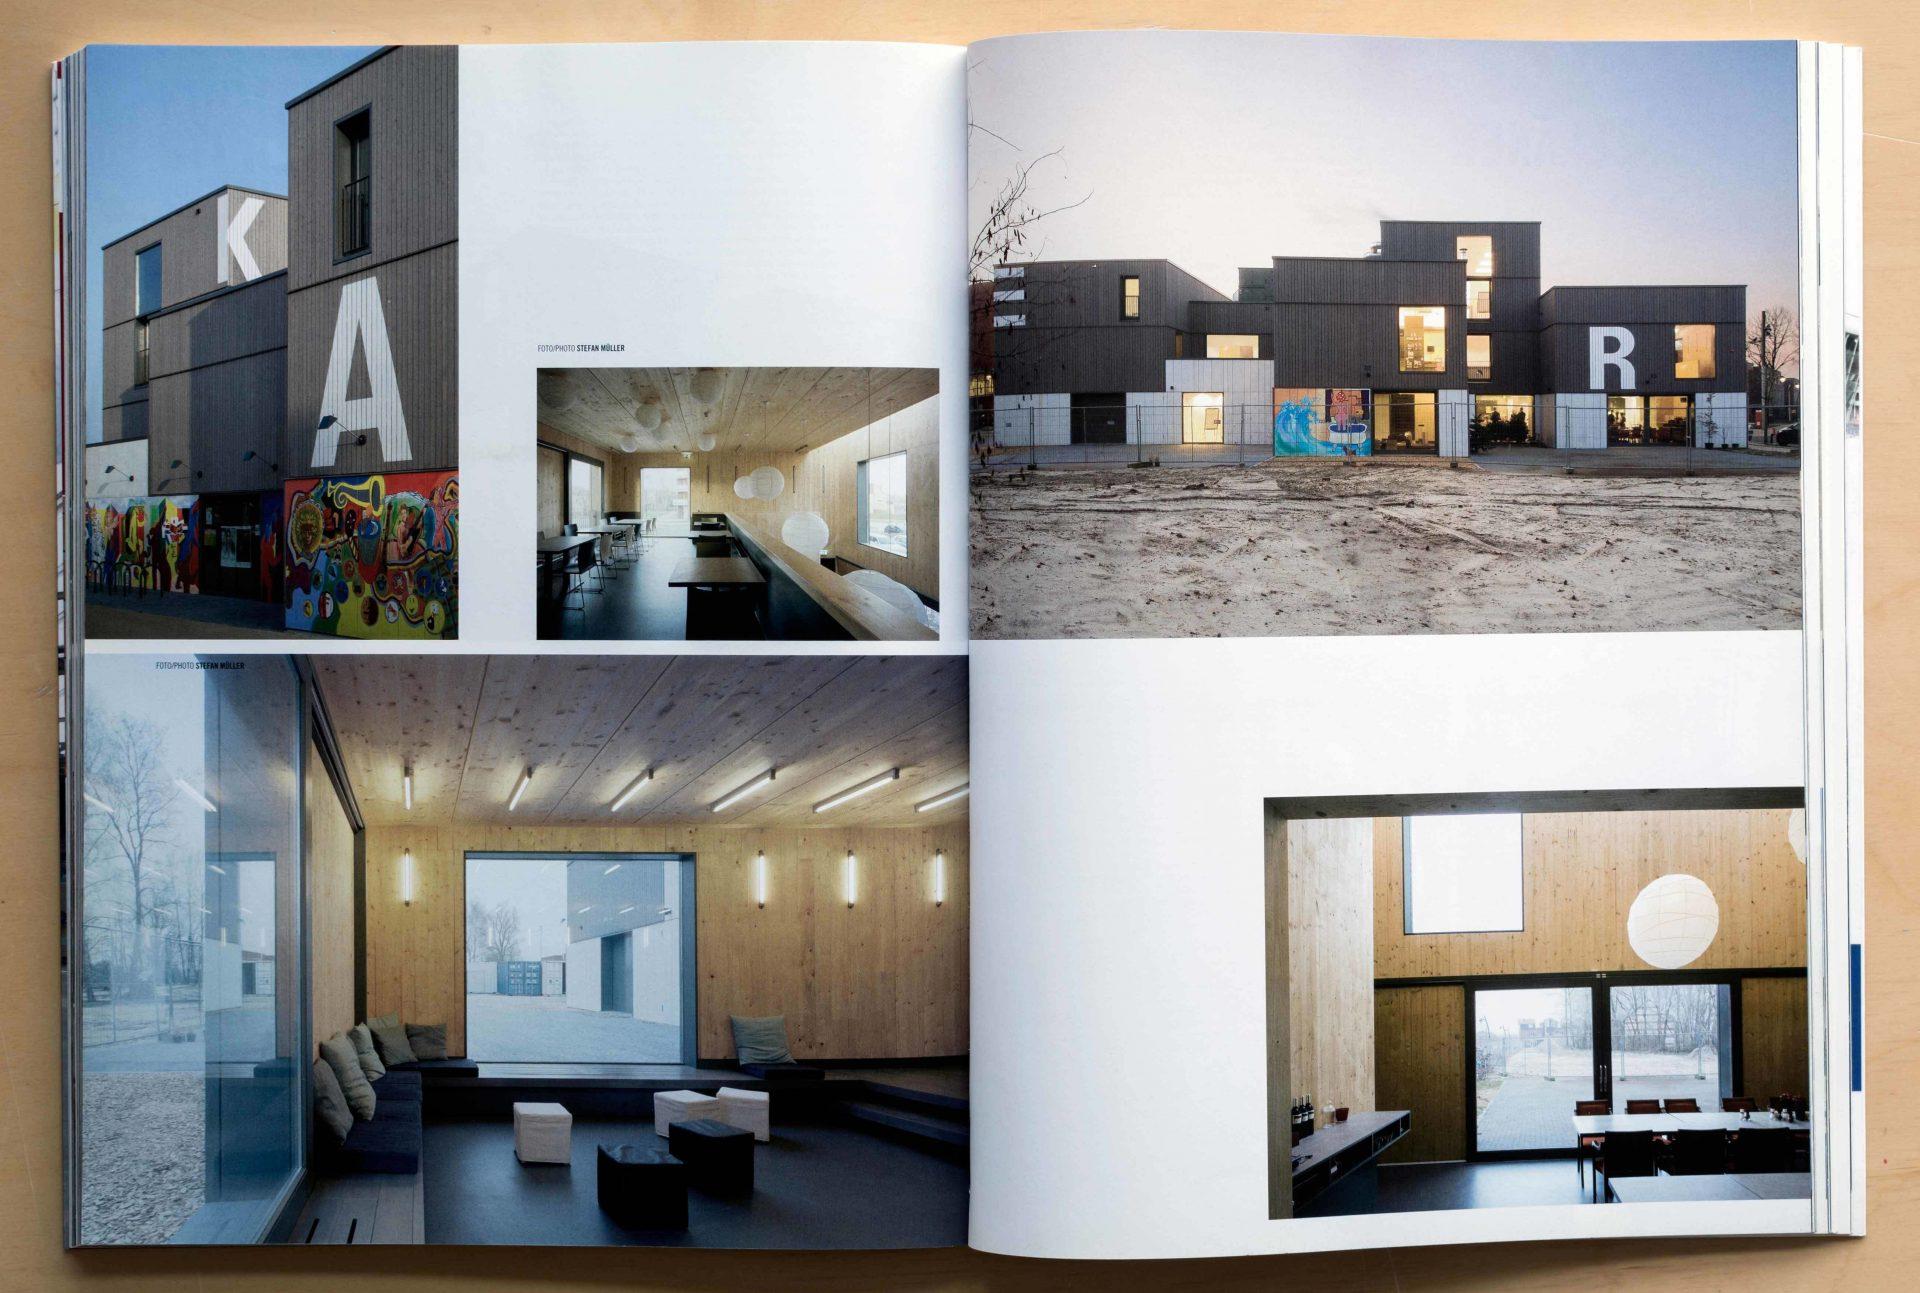 Jaarboek De Kamers 2 Dsc 4870